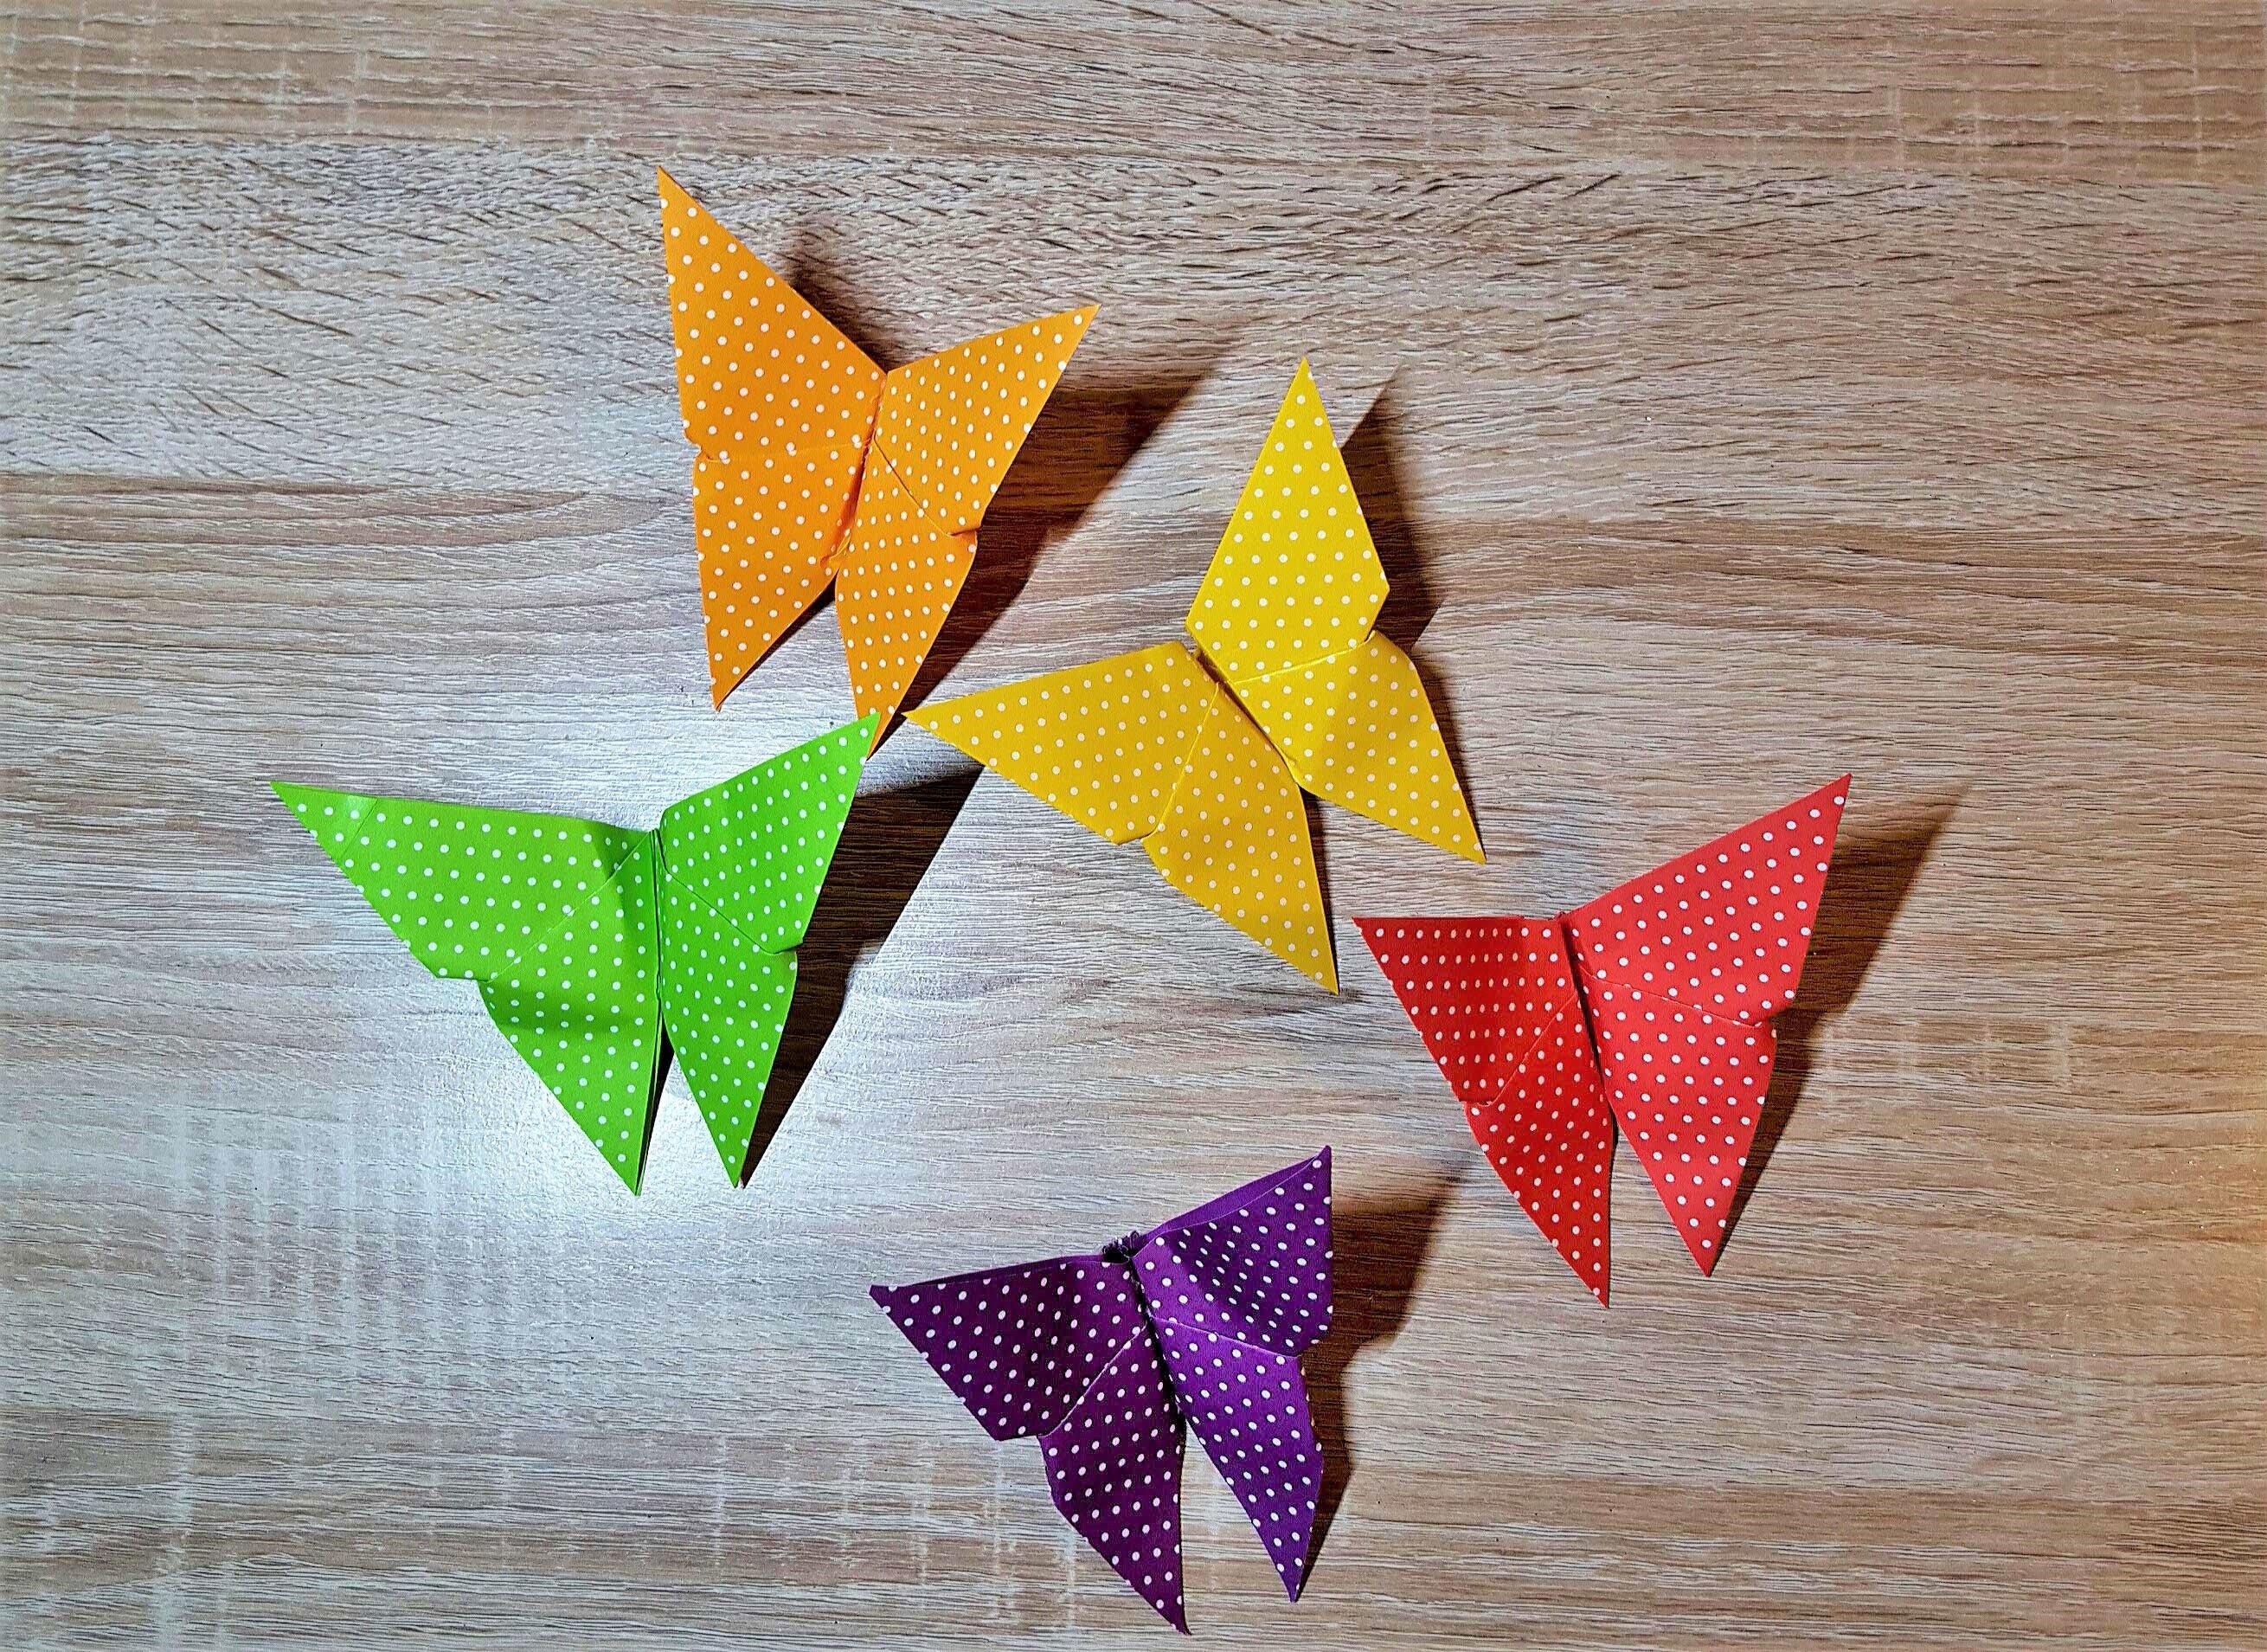 Origami Schmetterling - der einfache Klassiker. DIY-Origami Butterfly